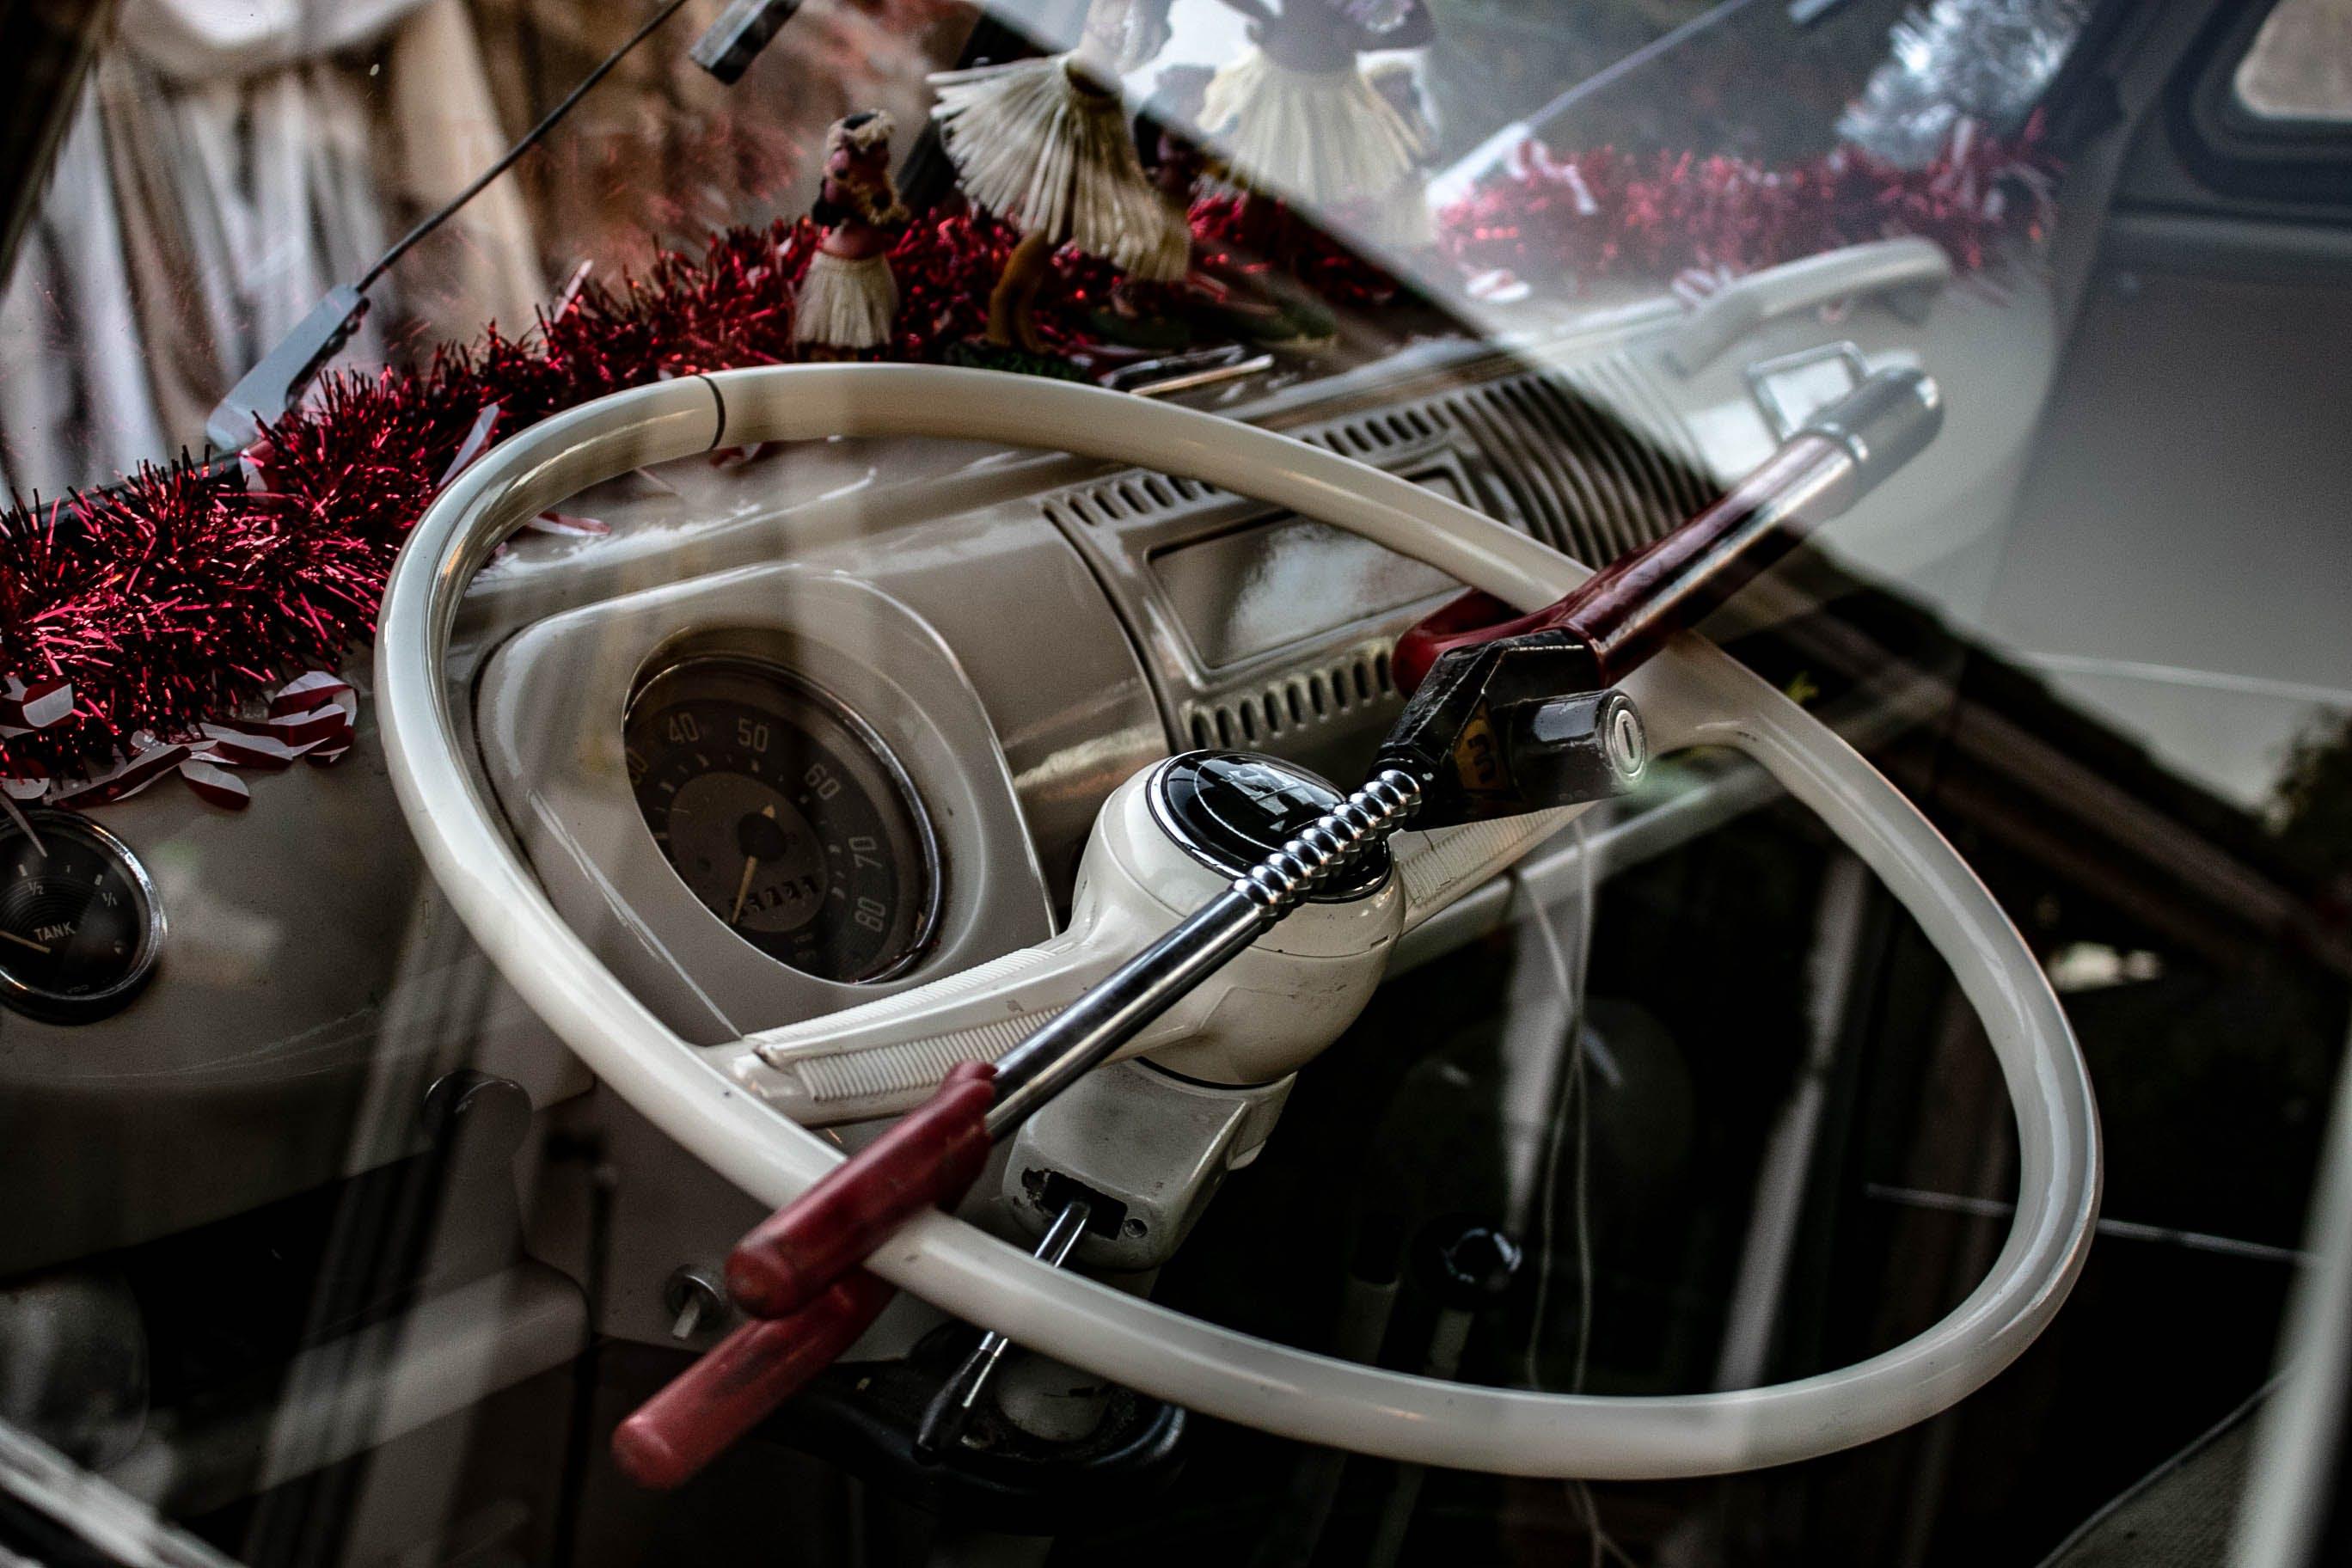 Steering Wheel With Lock